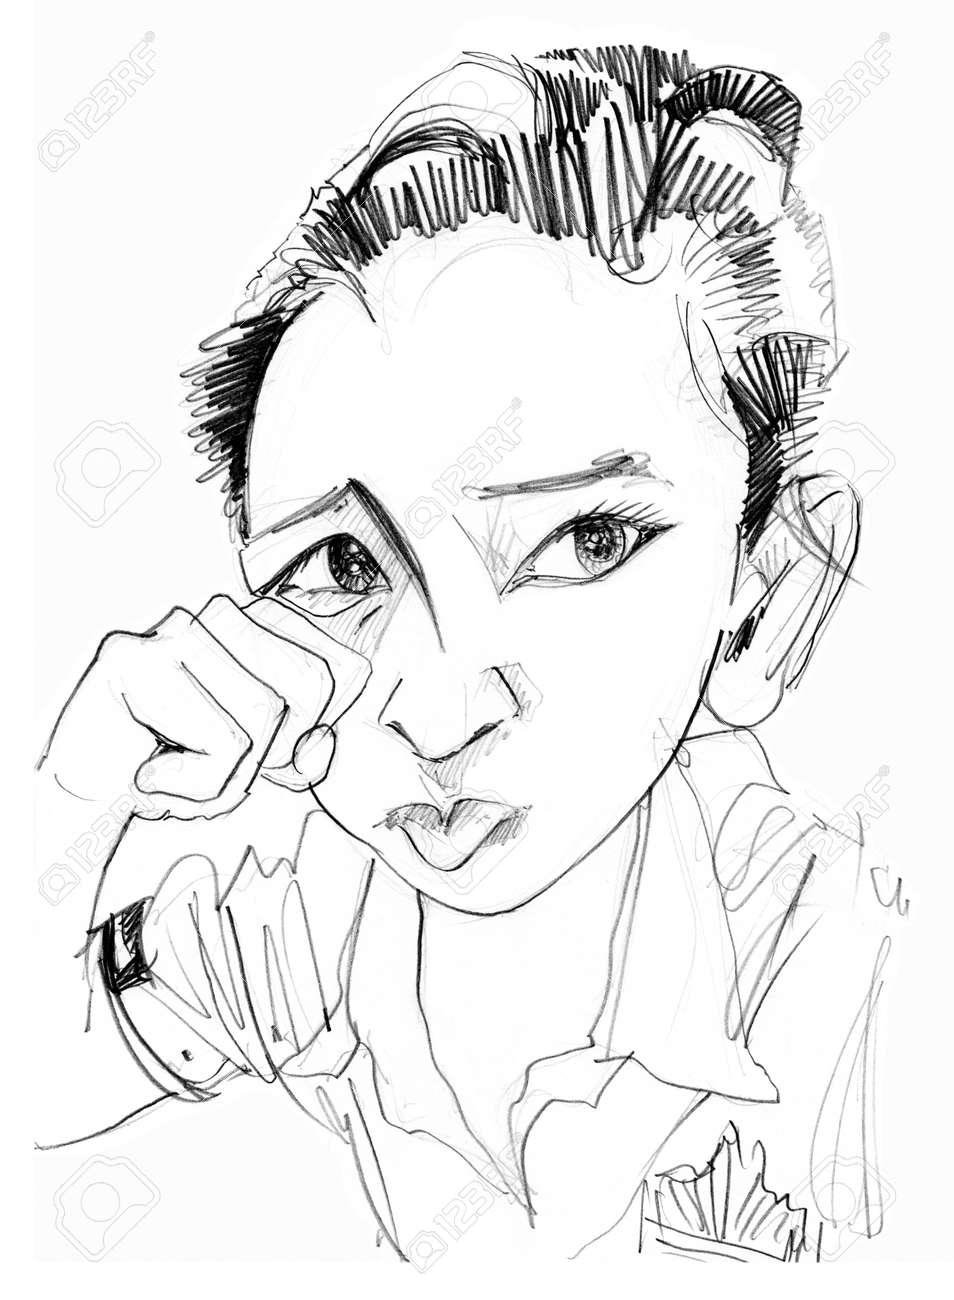 le symbole de la main par interim fait semblant de pleurer et une levre inferieure saillante pour attirer l attention des memes enfants dessin au crayon de caractere noir et blanc banque d images